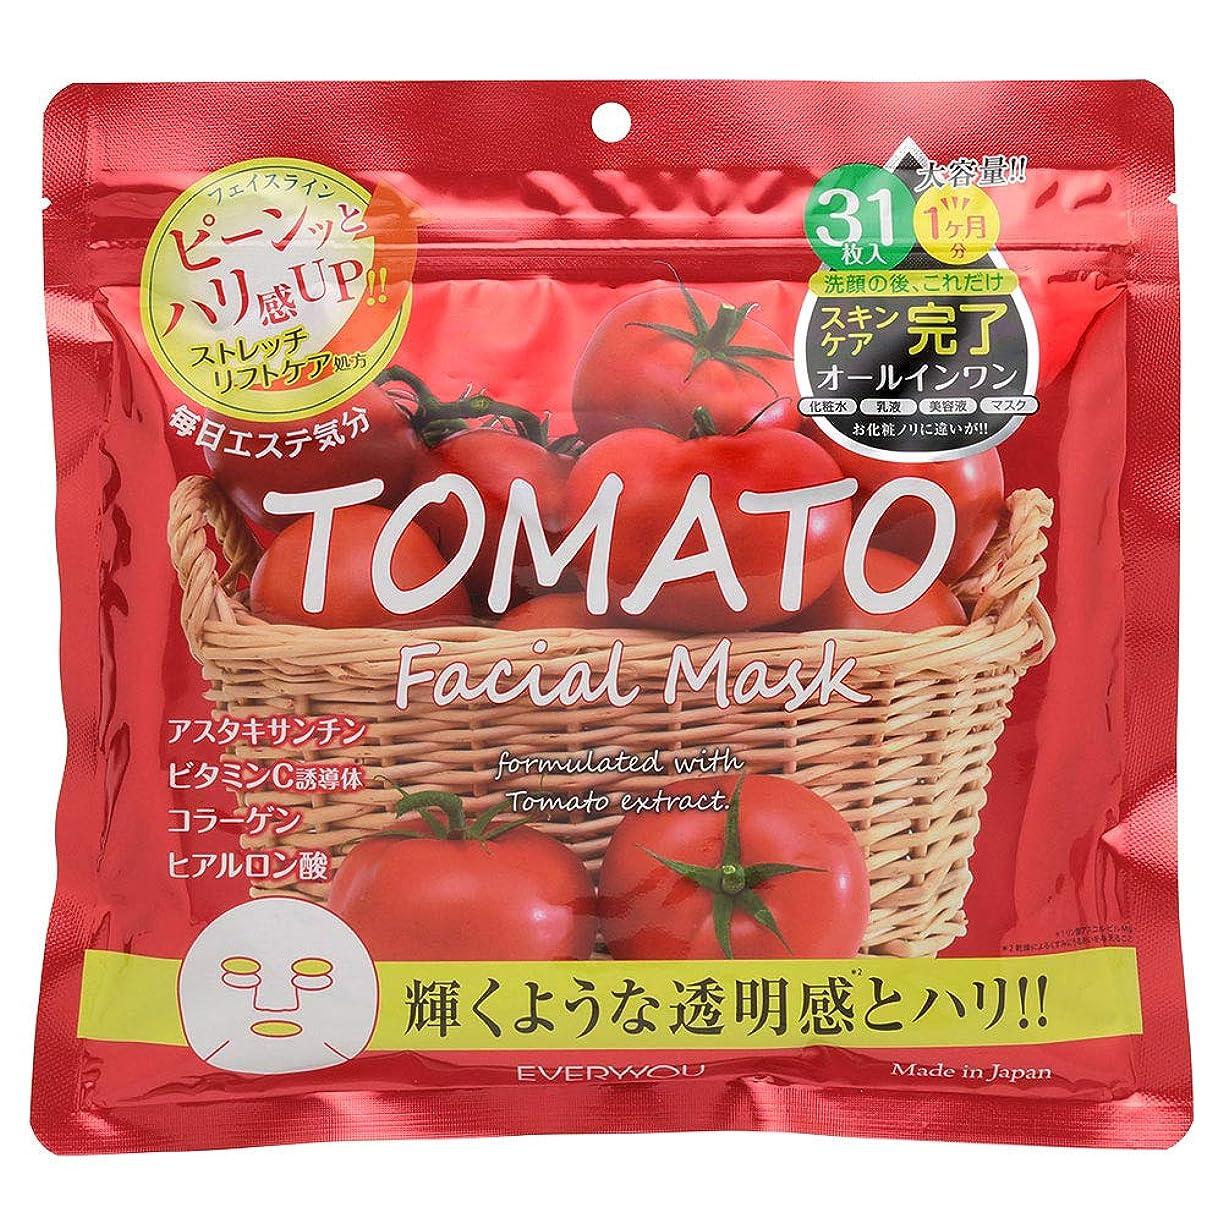 玉ねぎ臭い杖トマト フェイシャルマスク 31枚入 日本製 EVERYYOU